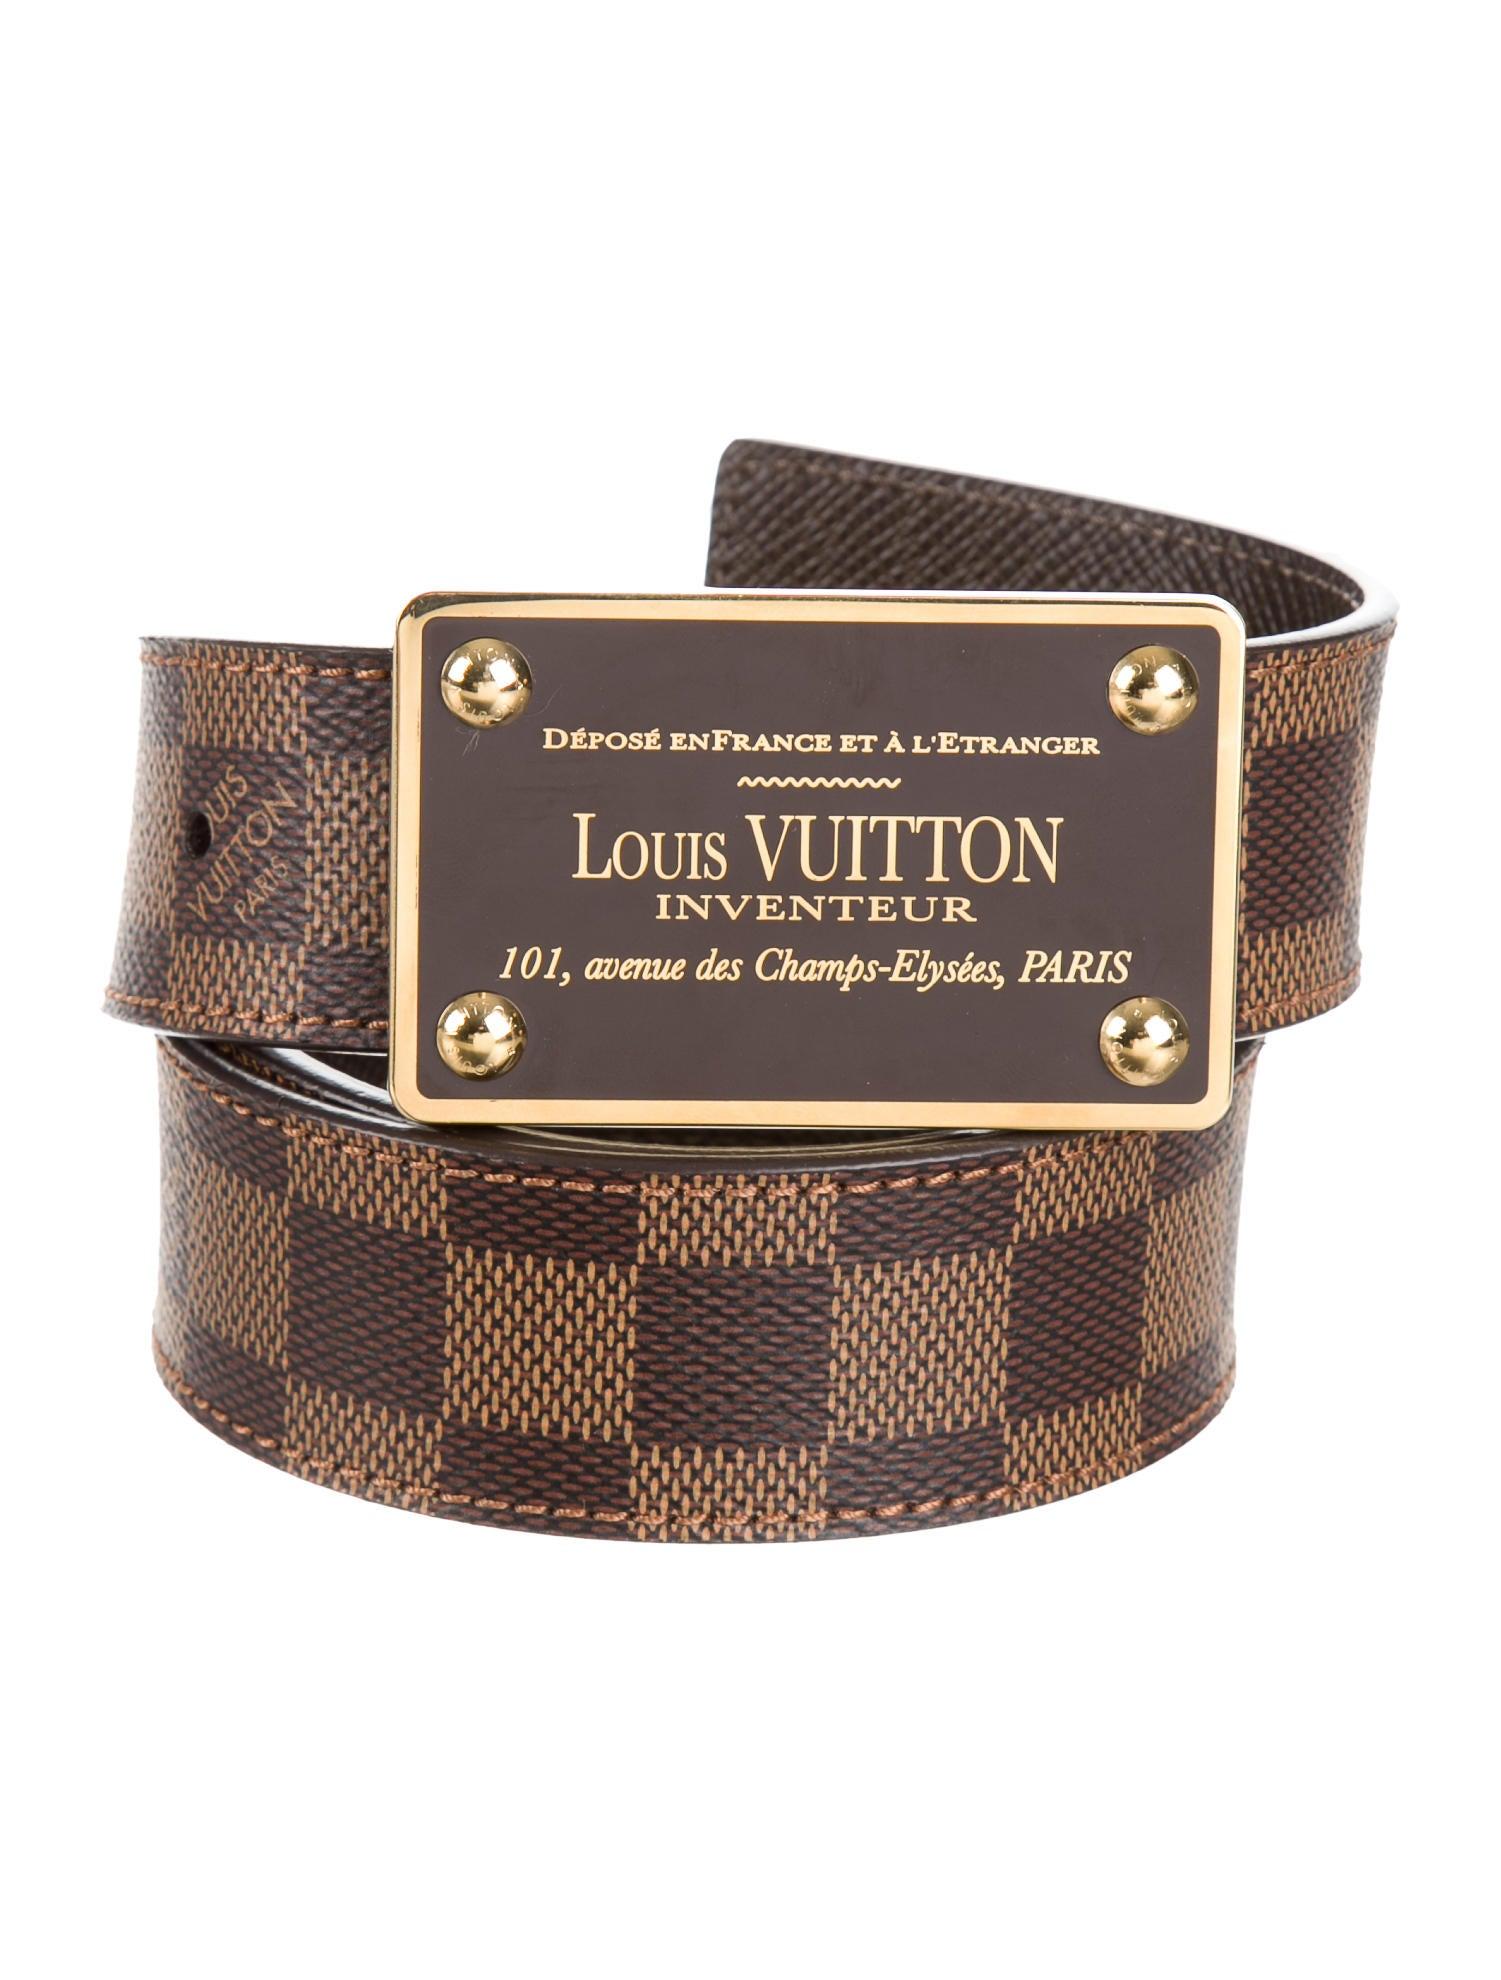 Louis Vuitton Inventeur Damier Reversible Belt